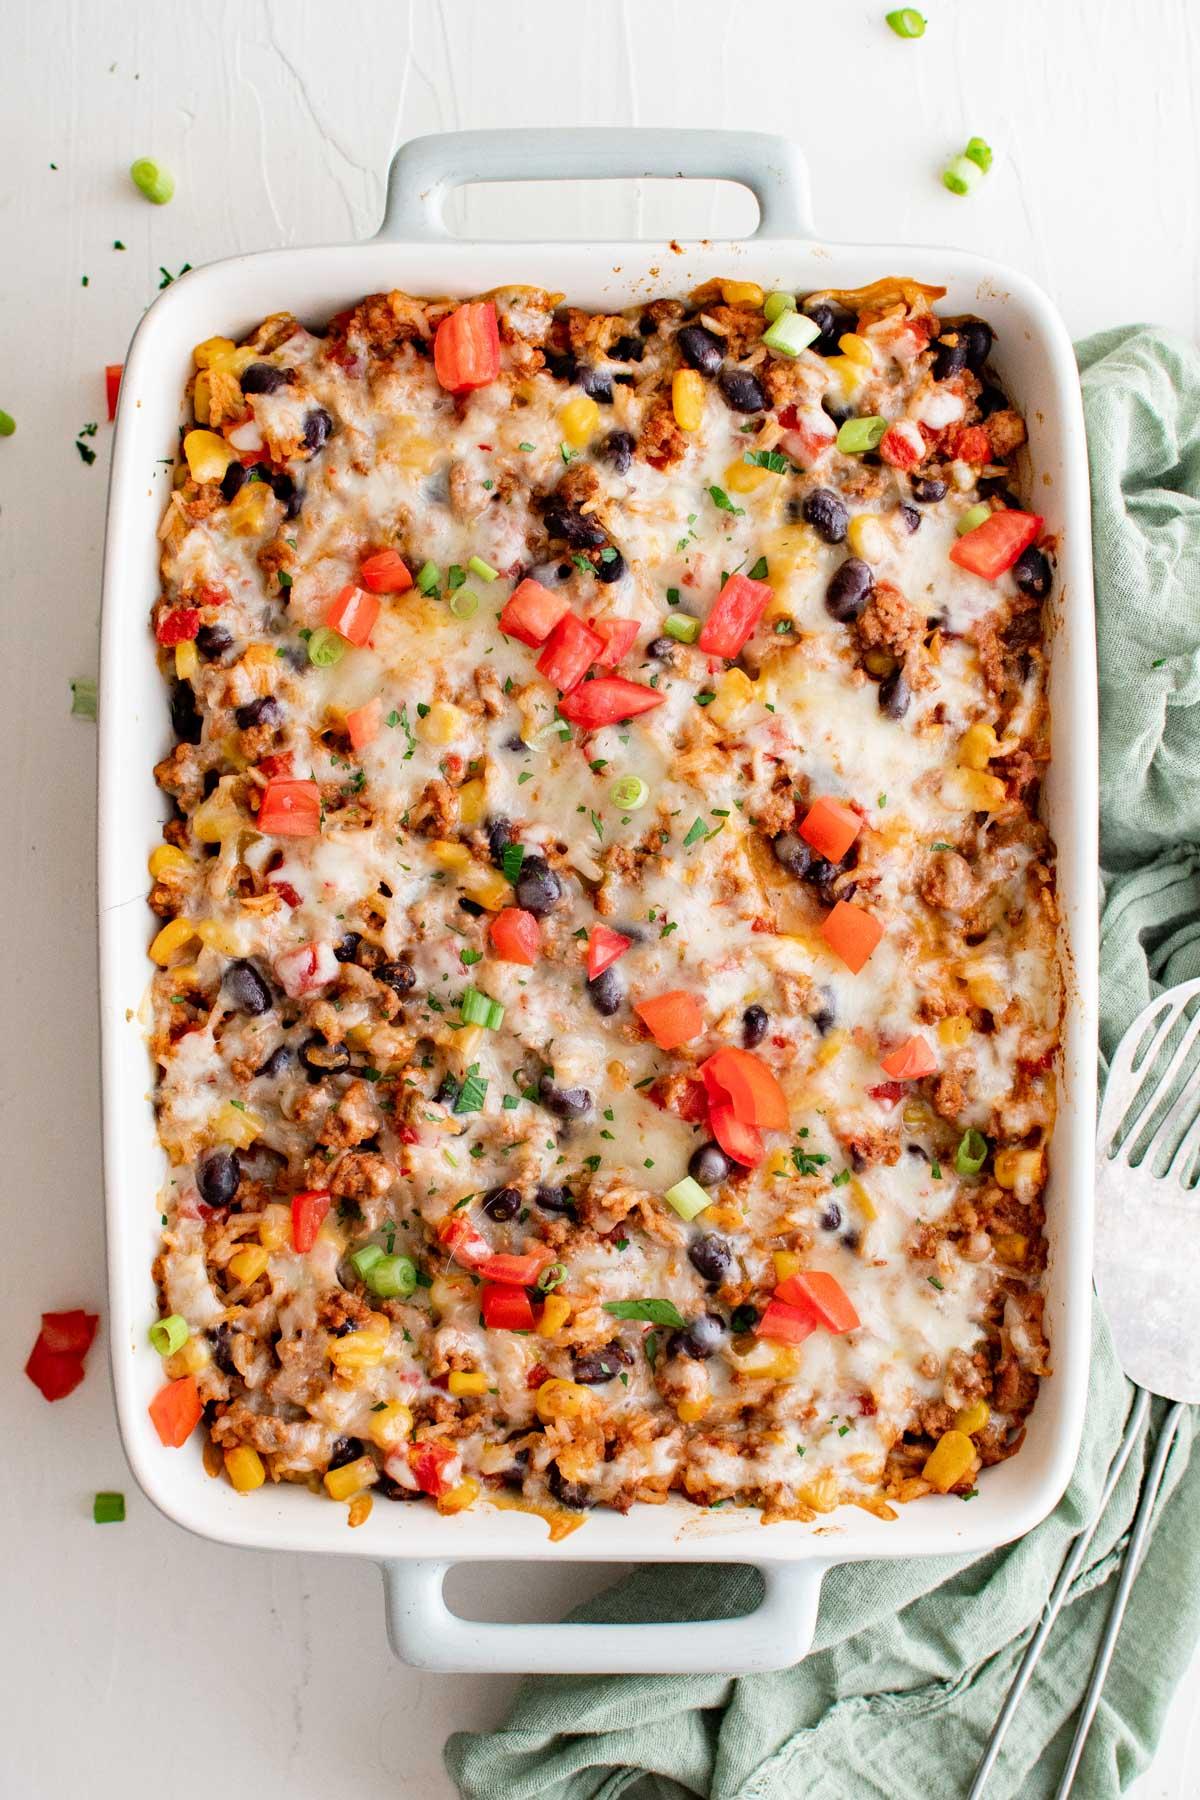 white casserole dish with ground turkey casserole.